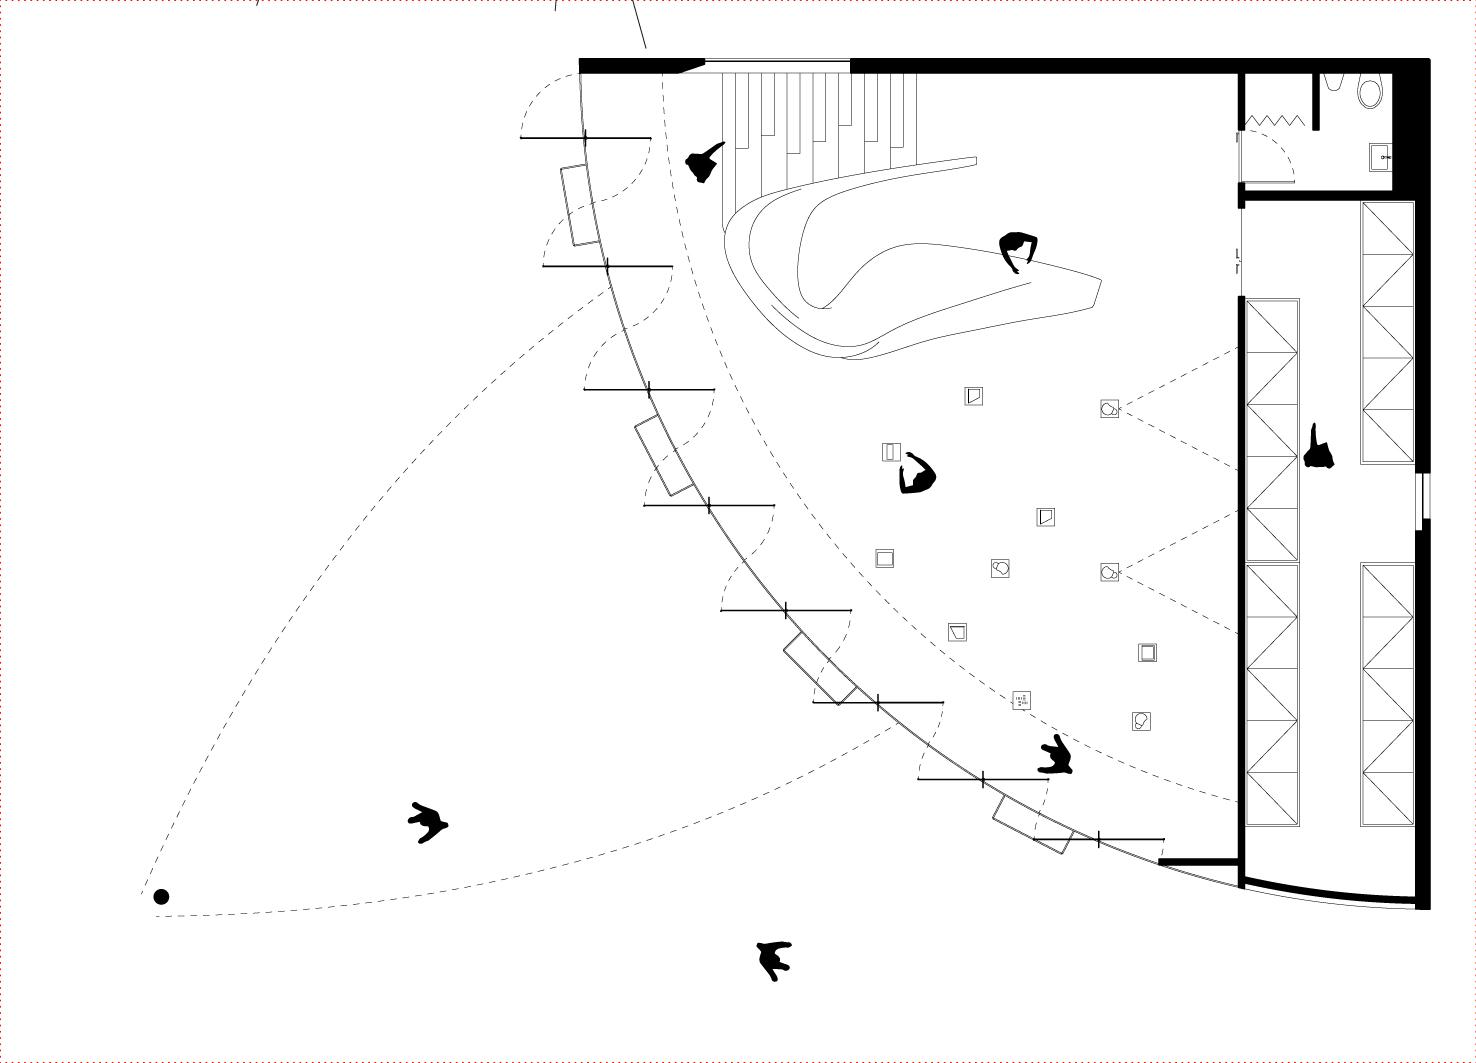 170628 drawings-05.jpg